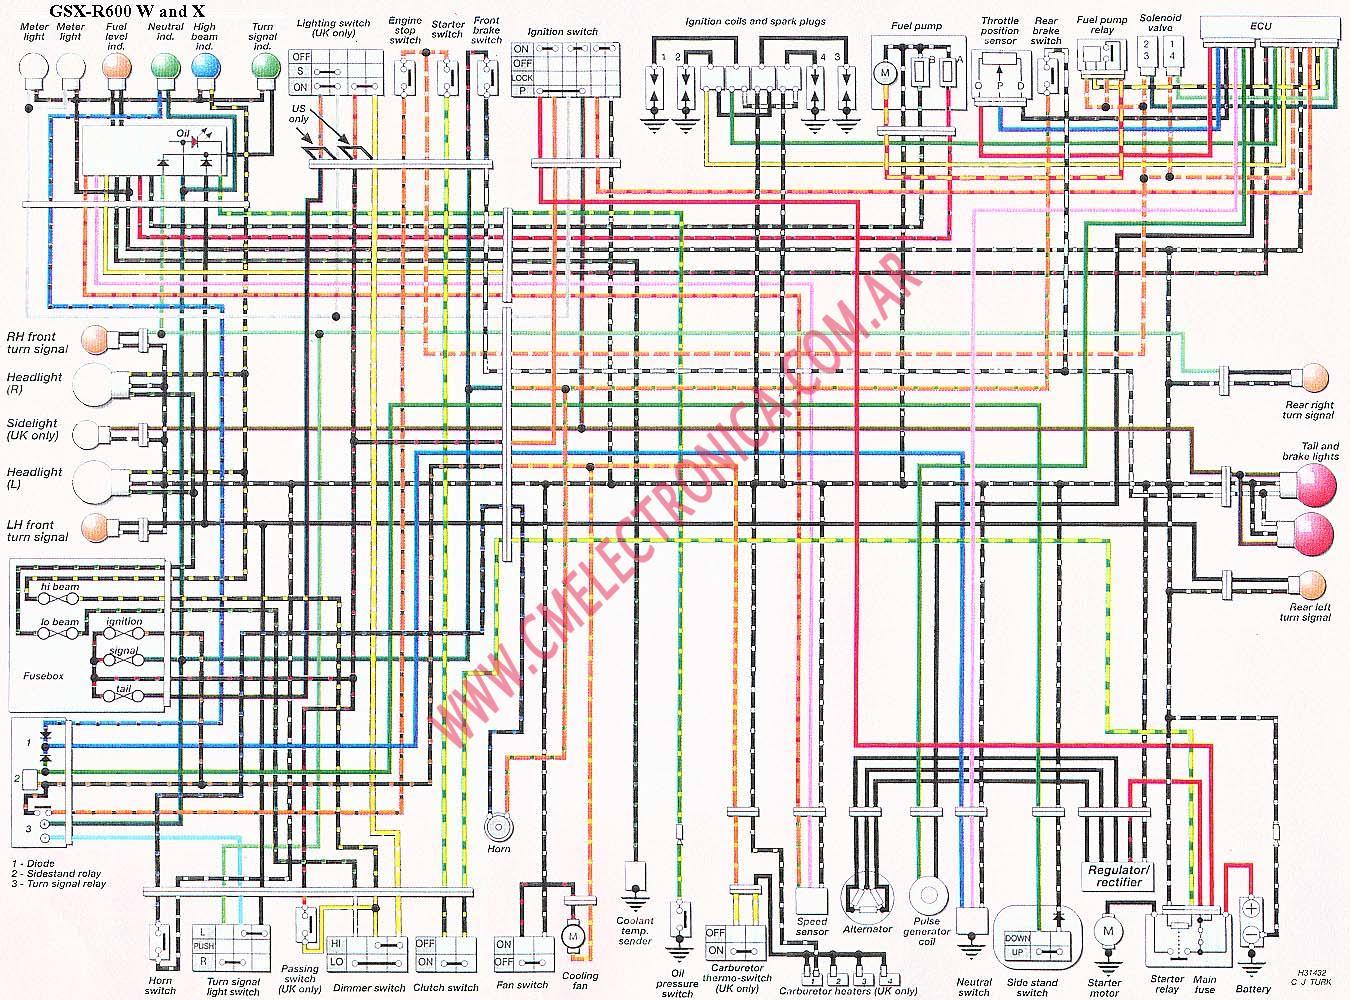 Suzuki Bandit 650 Wiring Diagram - Wiring Library •